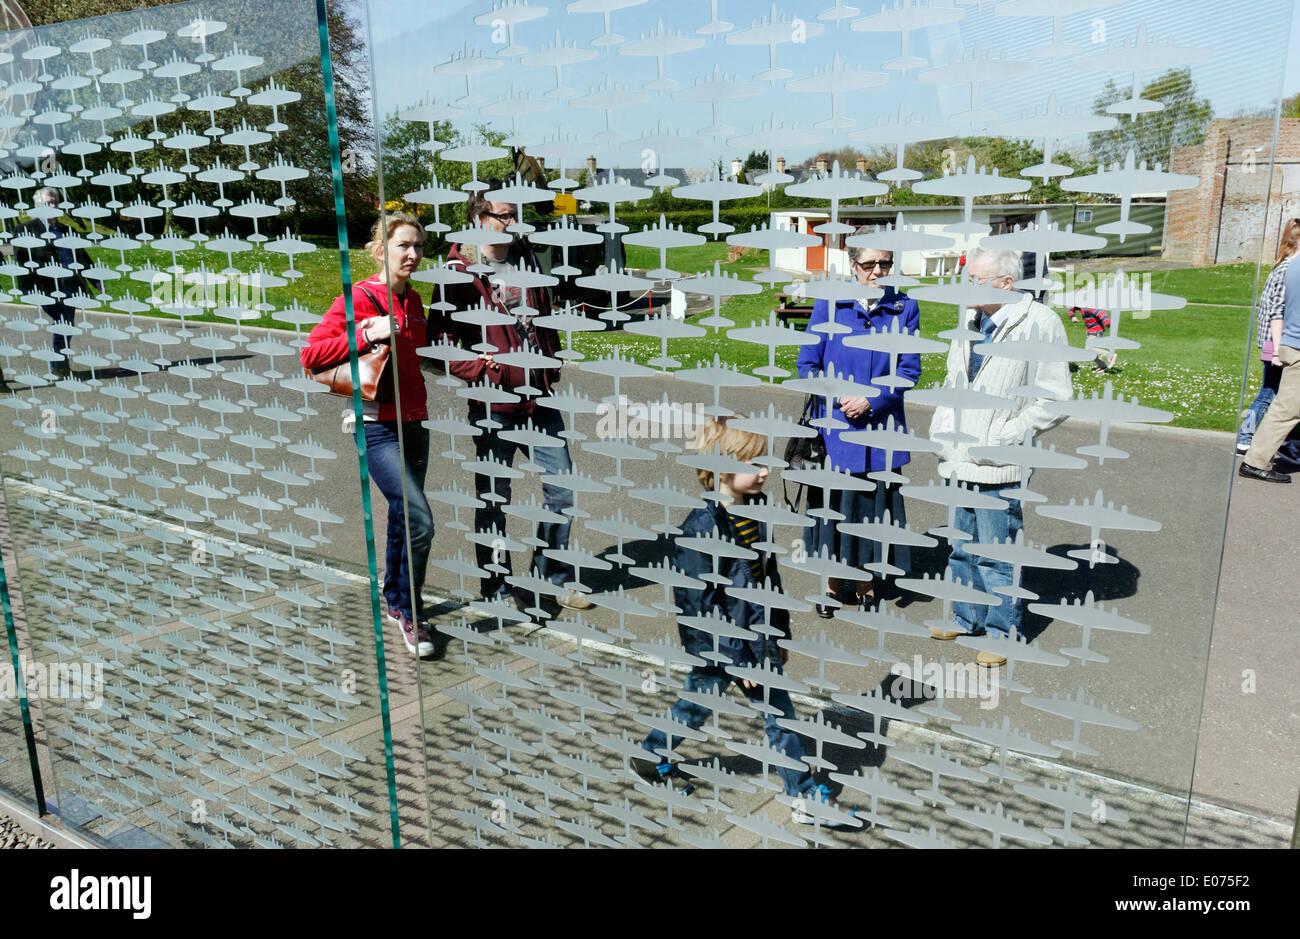 L 'Compter' glass War Memorial à Duxford Air Museum dédié aux aviateurs américains basés au Royaume-Uni, par Renato Niemis Photo Stock